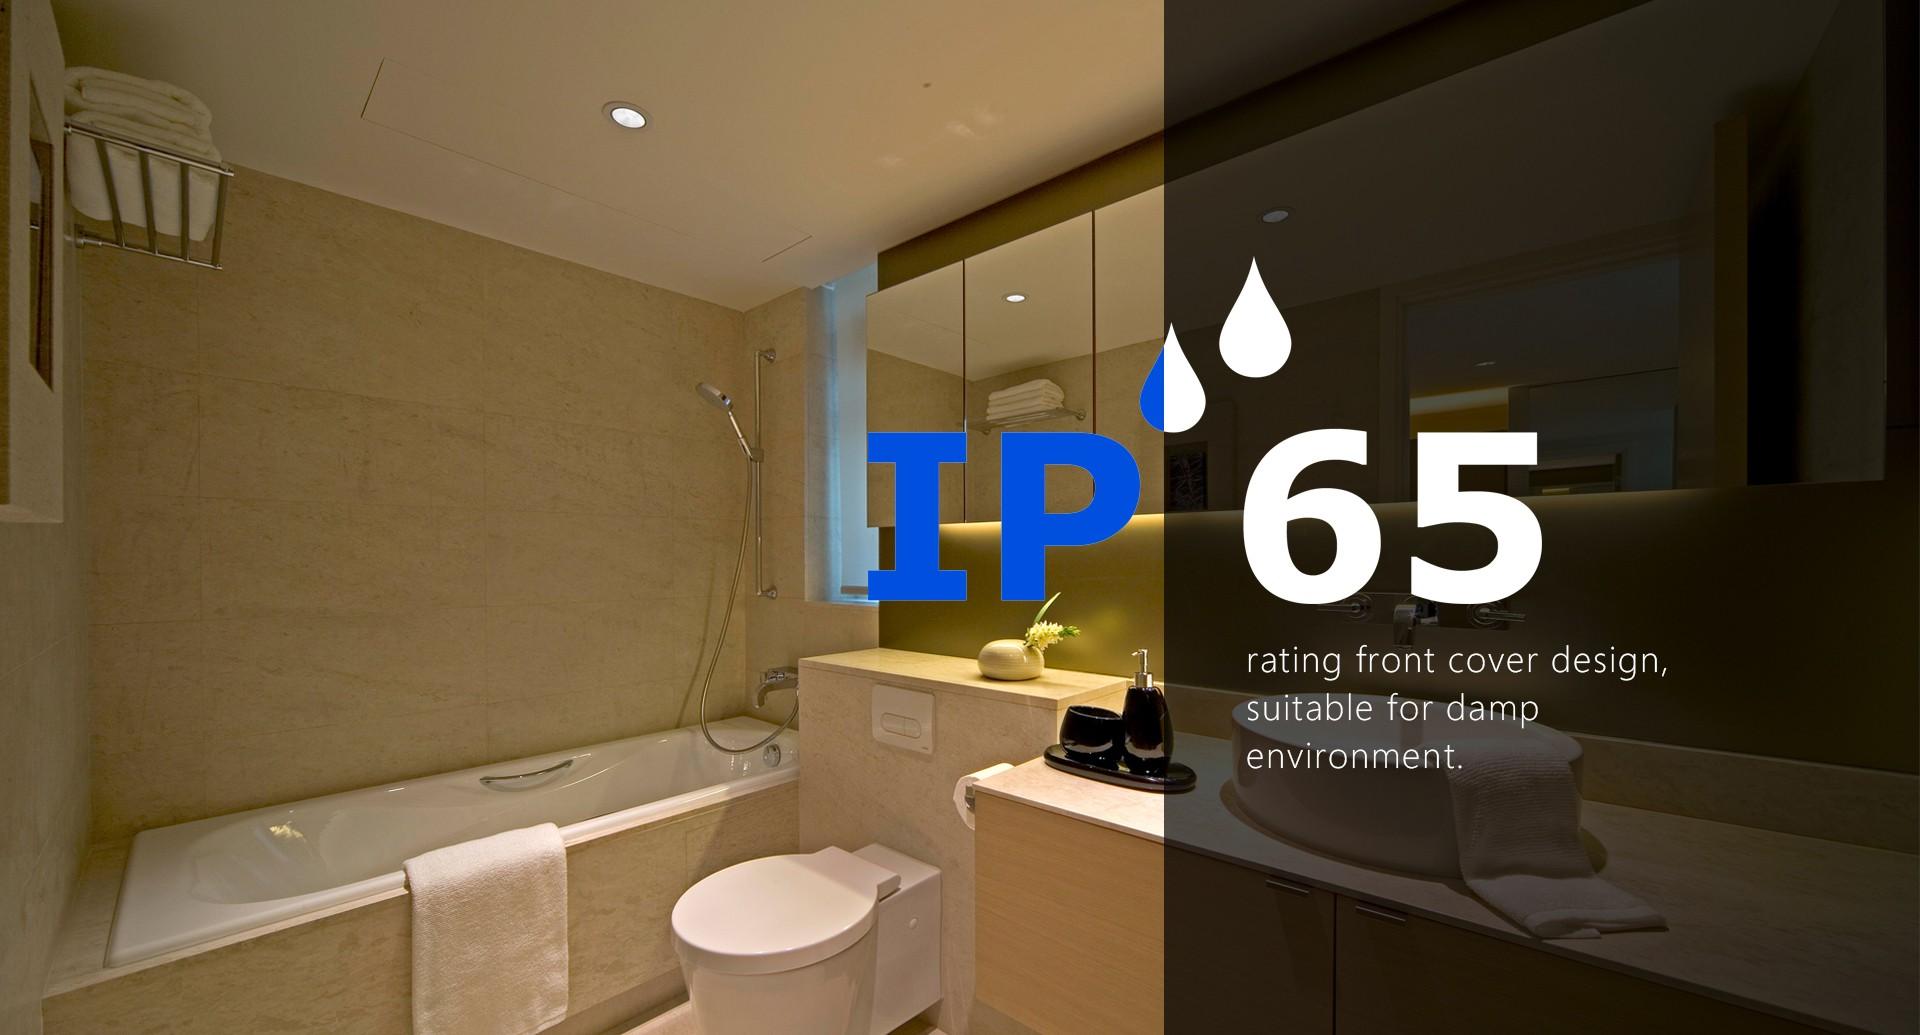 Wasserdichte Spots fürs Badezimmer, Draussen oder auch Industrie